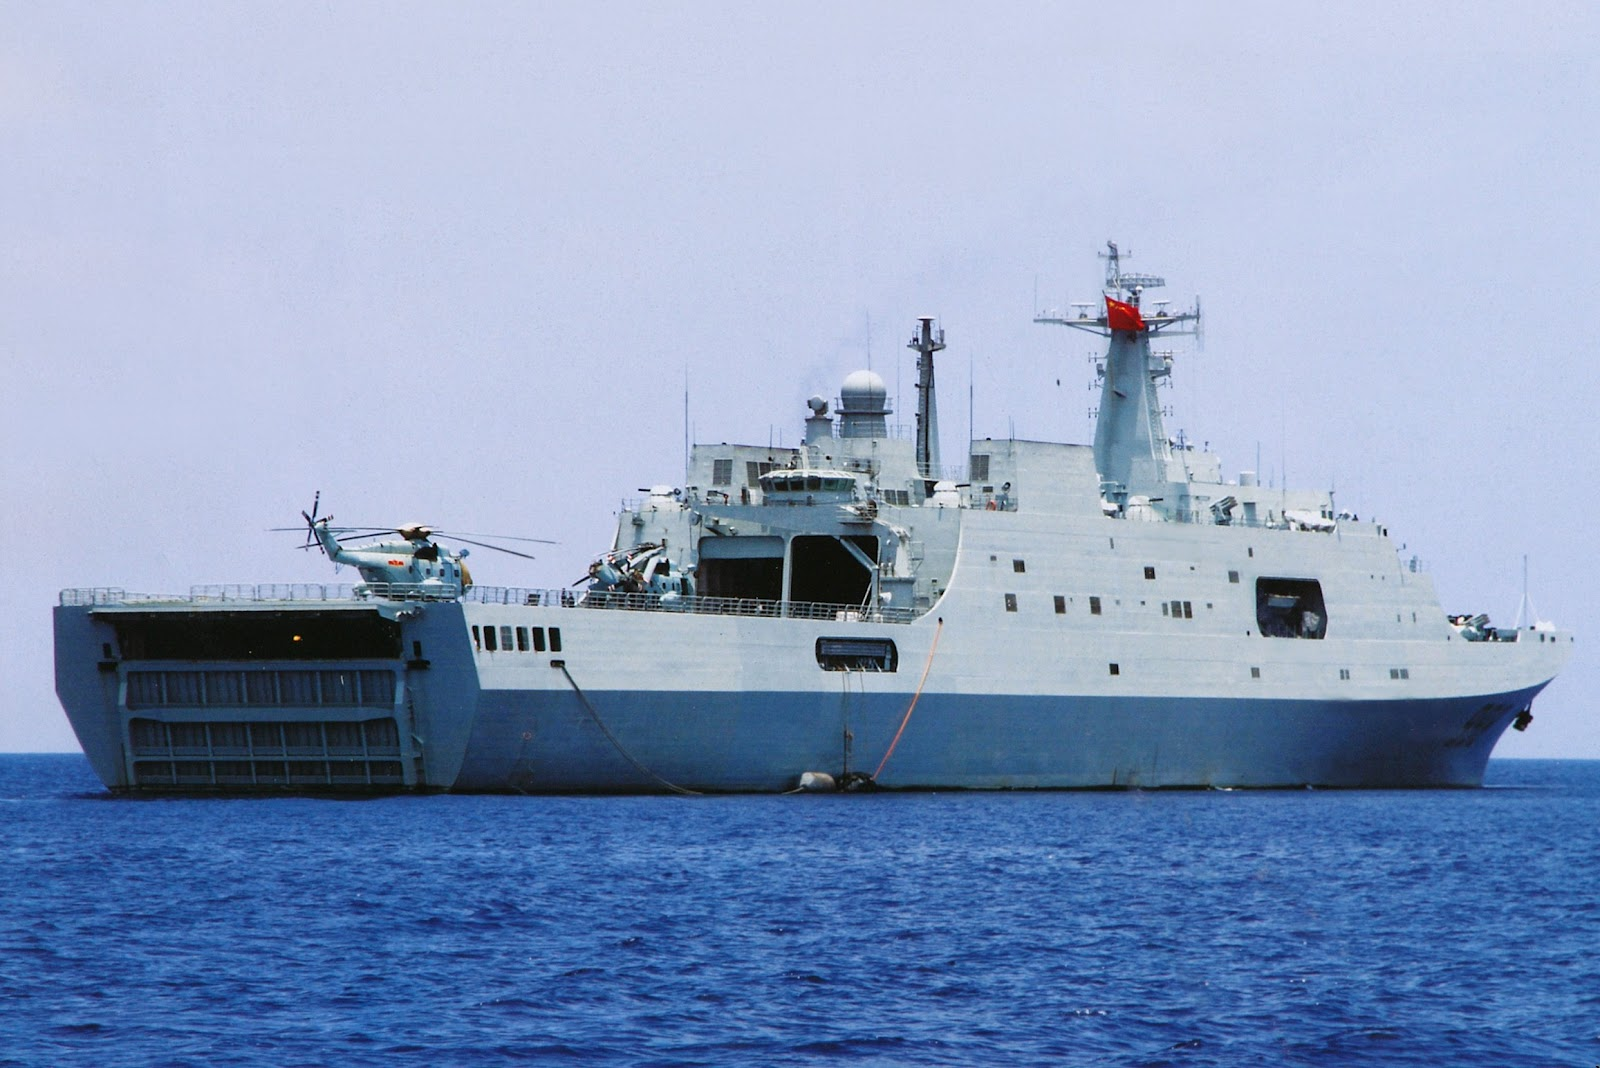 سفن إنزال للمغرب و دول عربية أخرى  Type_071-3